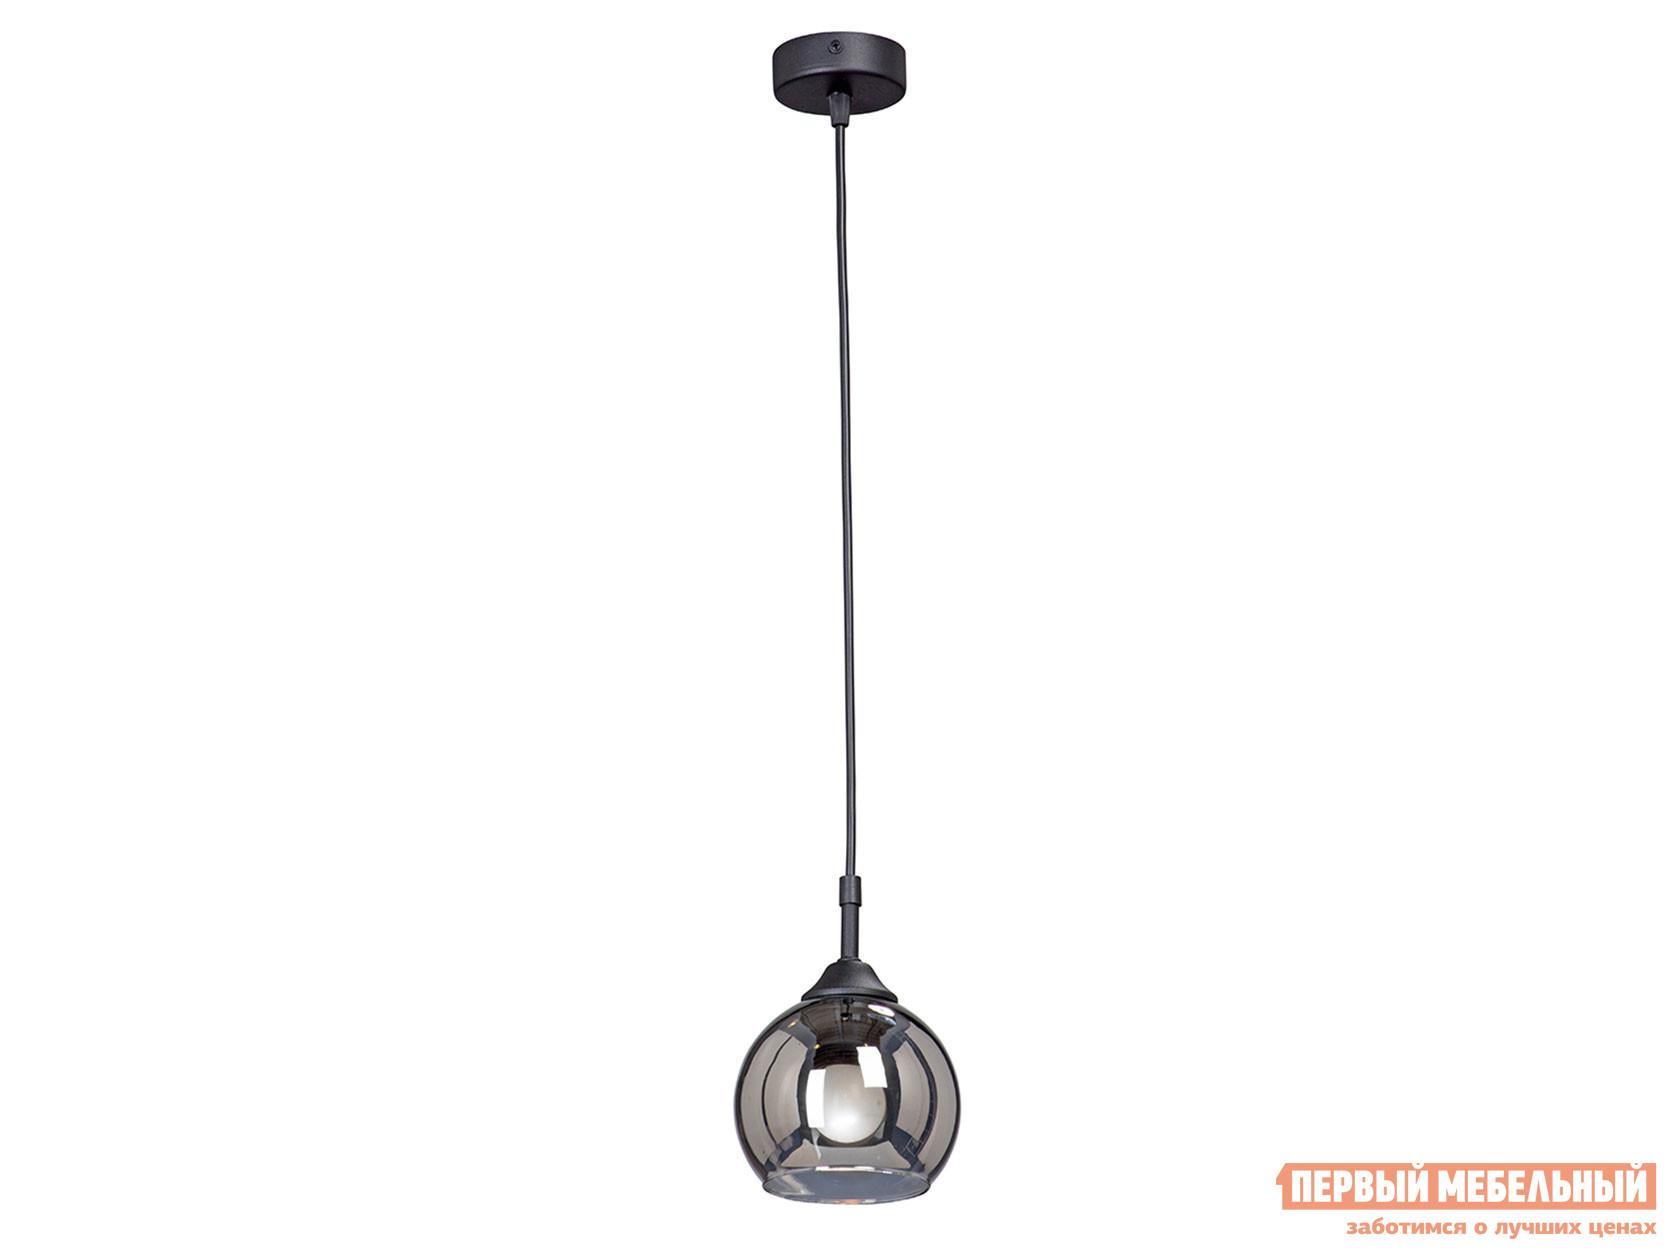 Подвесной светильник КСК-электро Люстра V4813-1/1S